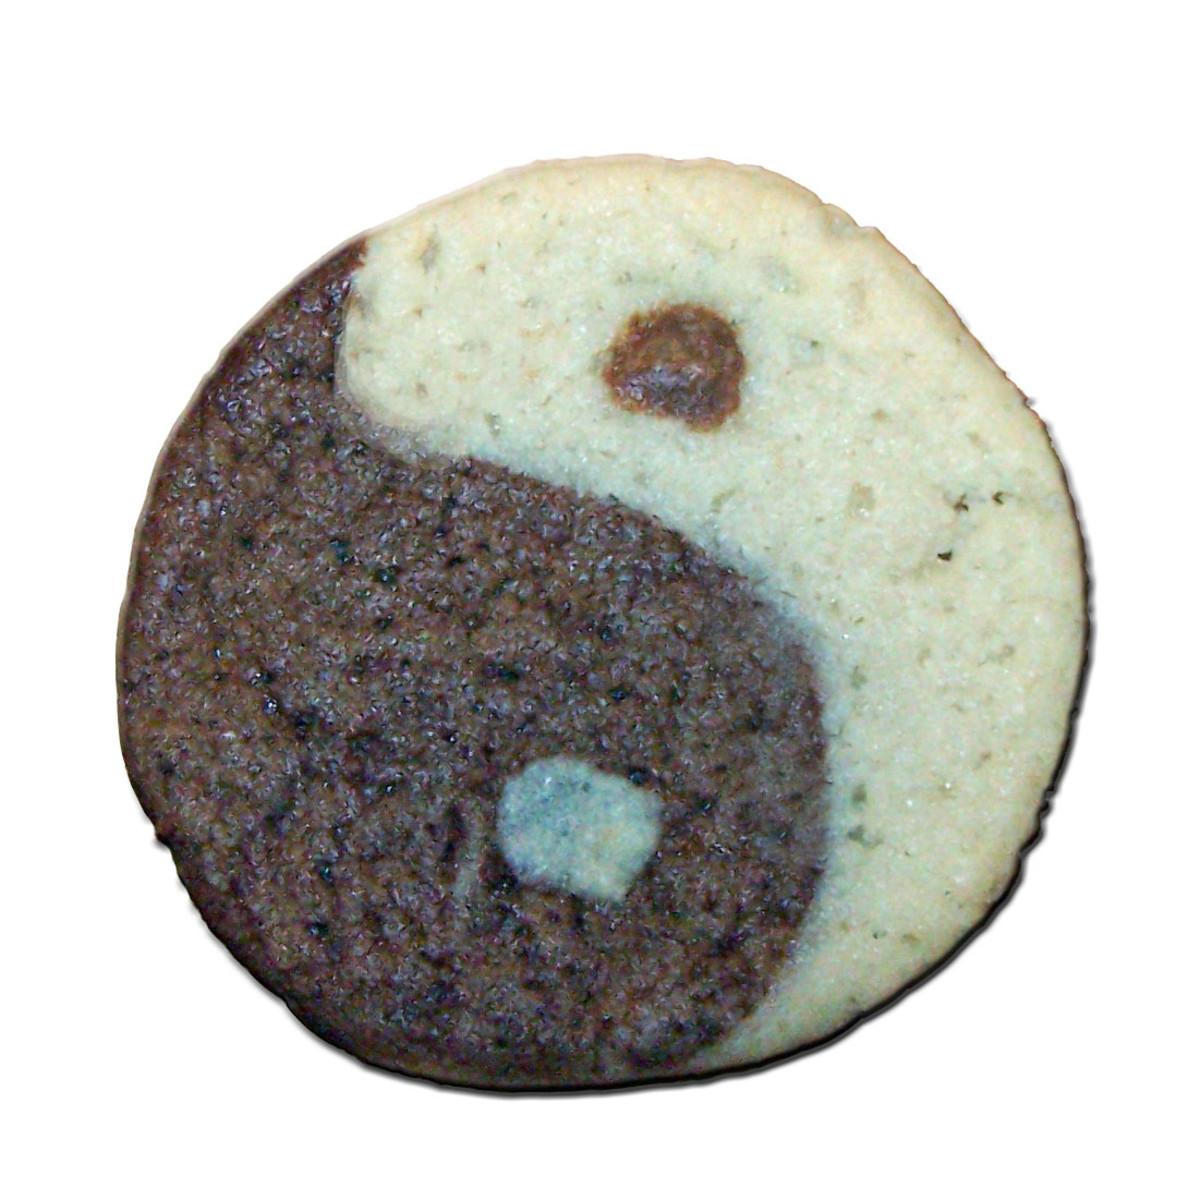 Equinox Yin/Yang Cookies for Balance